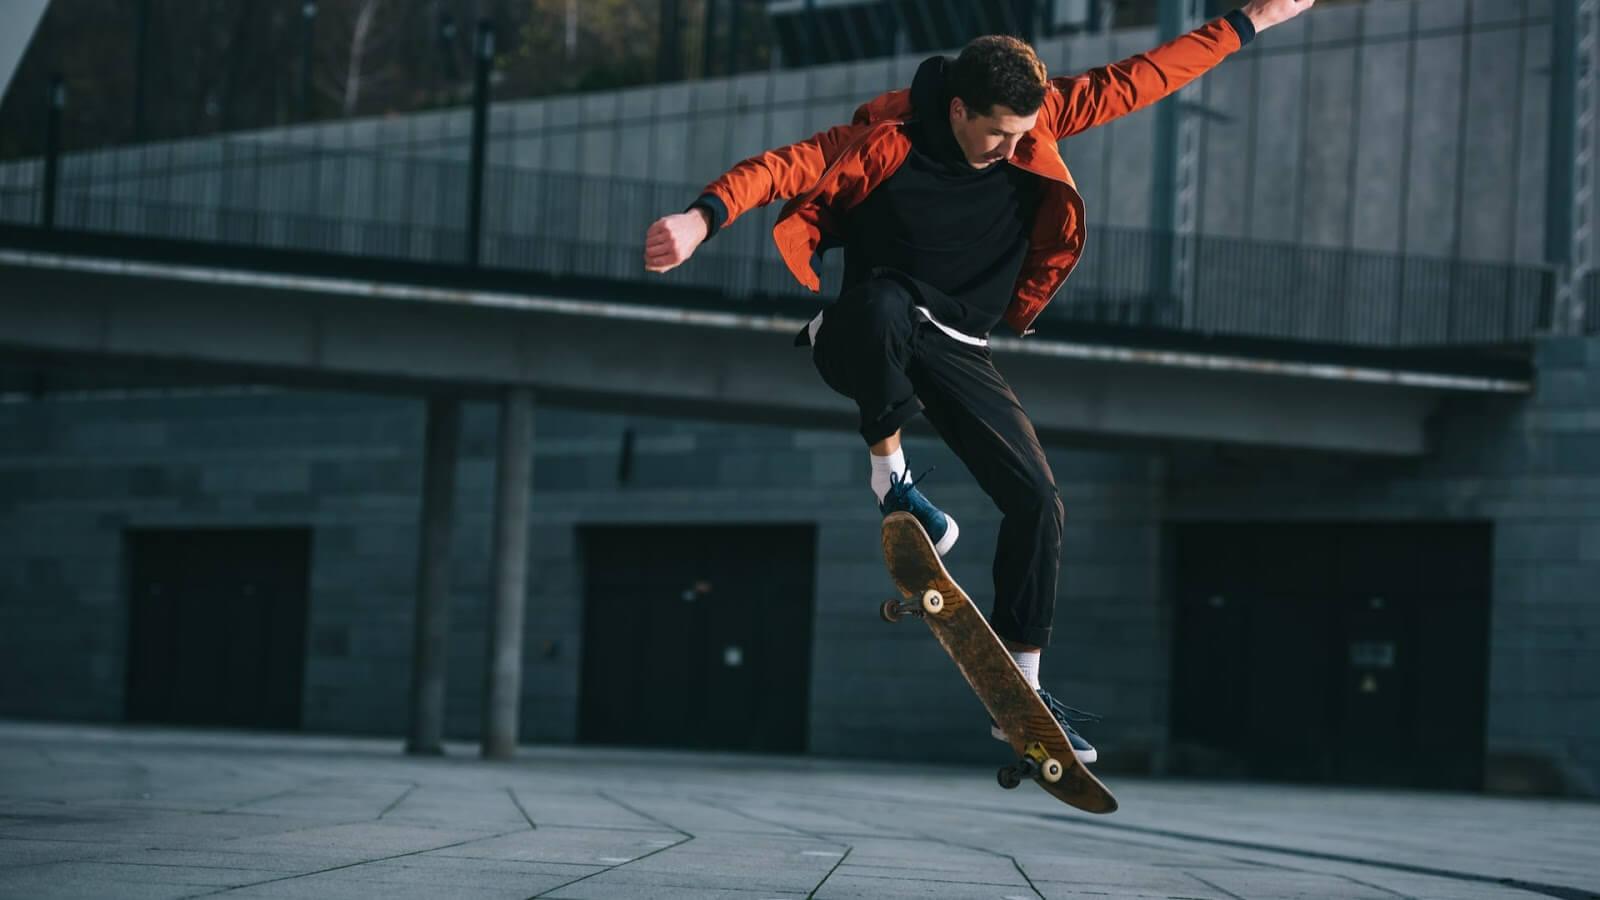 Penny boards vs skateboard - Ce ar trebui să alegi dacă ești rider începător?